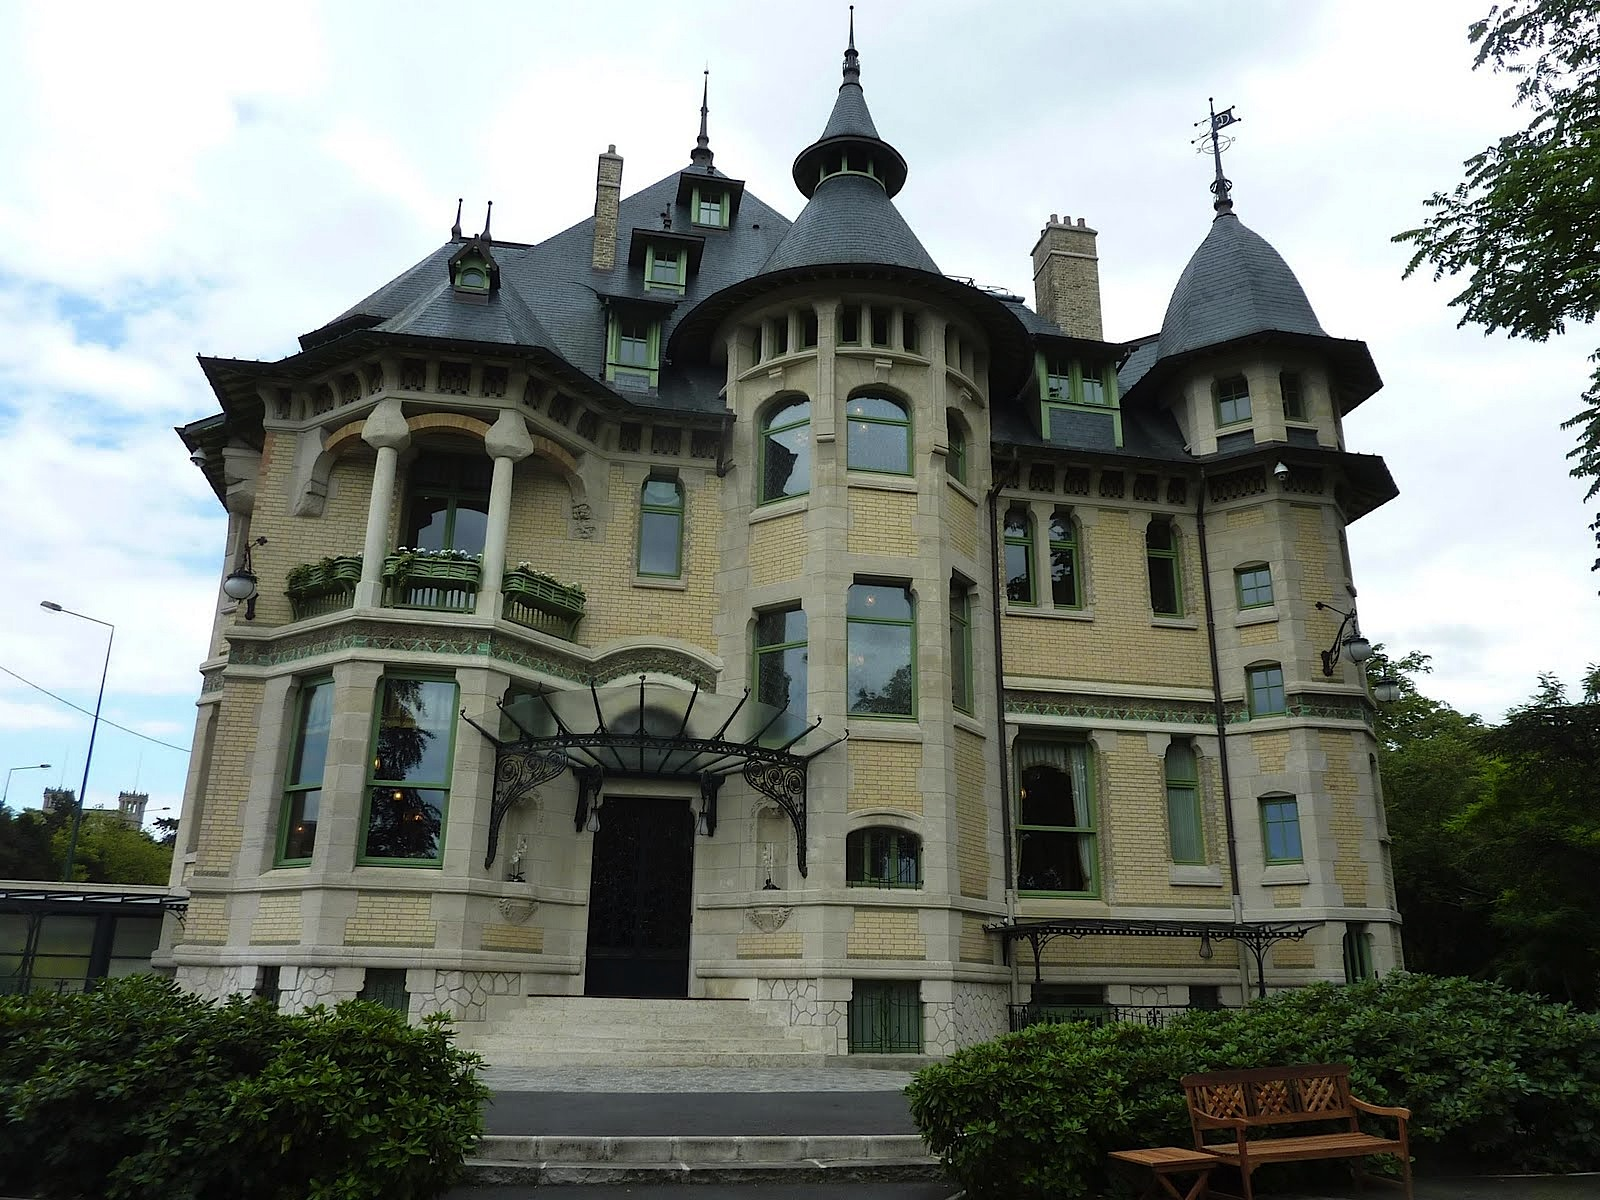 Art nouveau et jugendstil courants artistiques et litt raires de 1880 1920 la villa for Deco maison simple reims